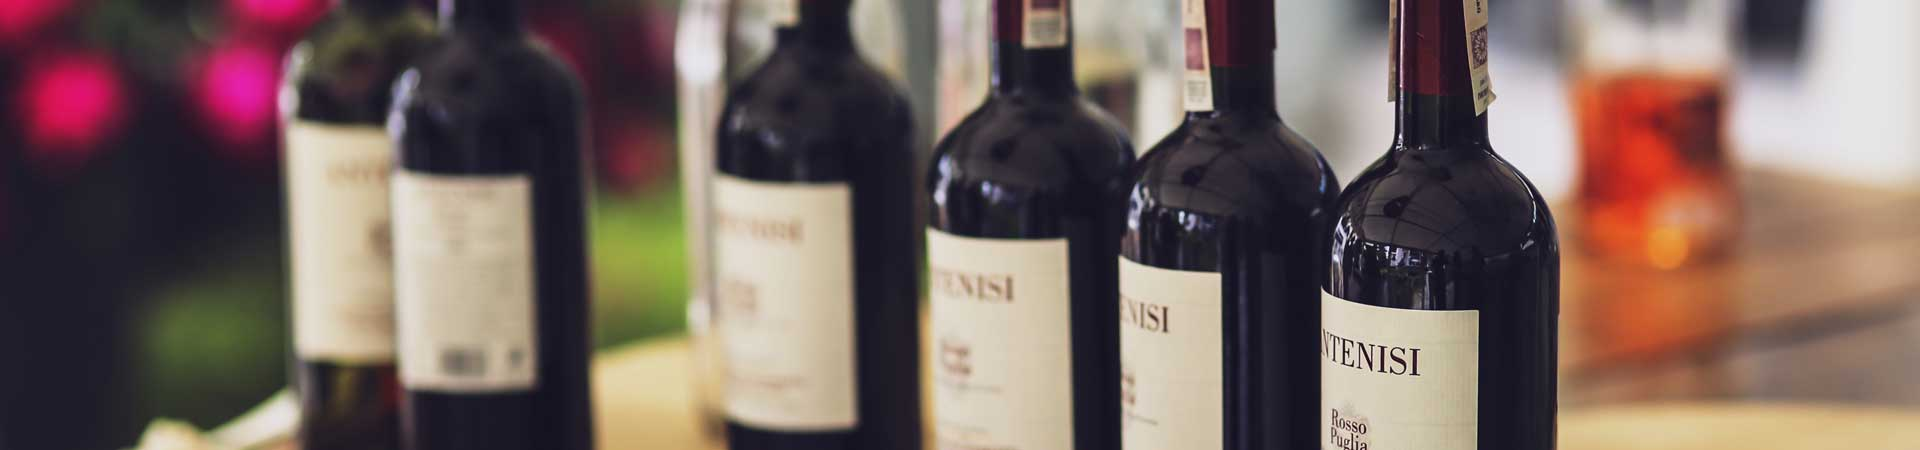 Header Weinflaschen